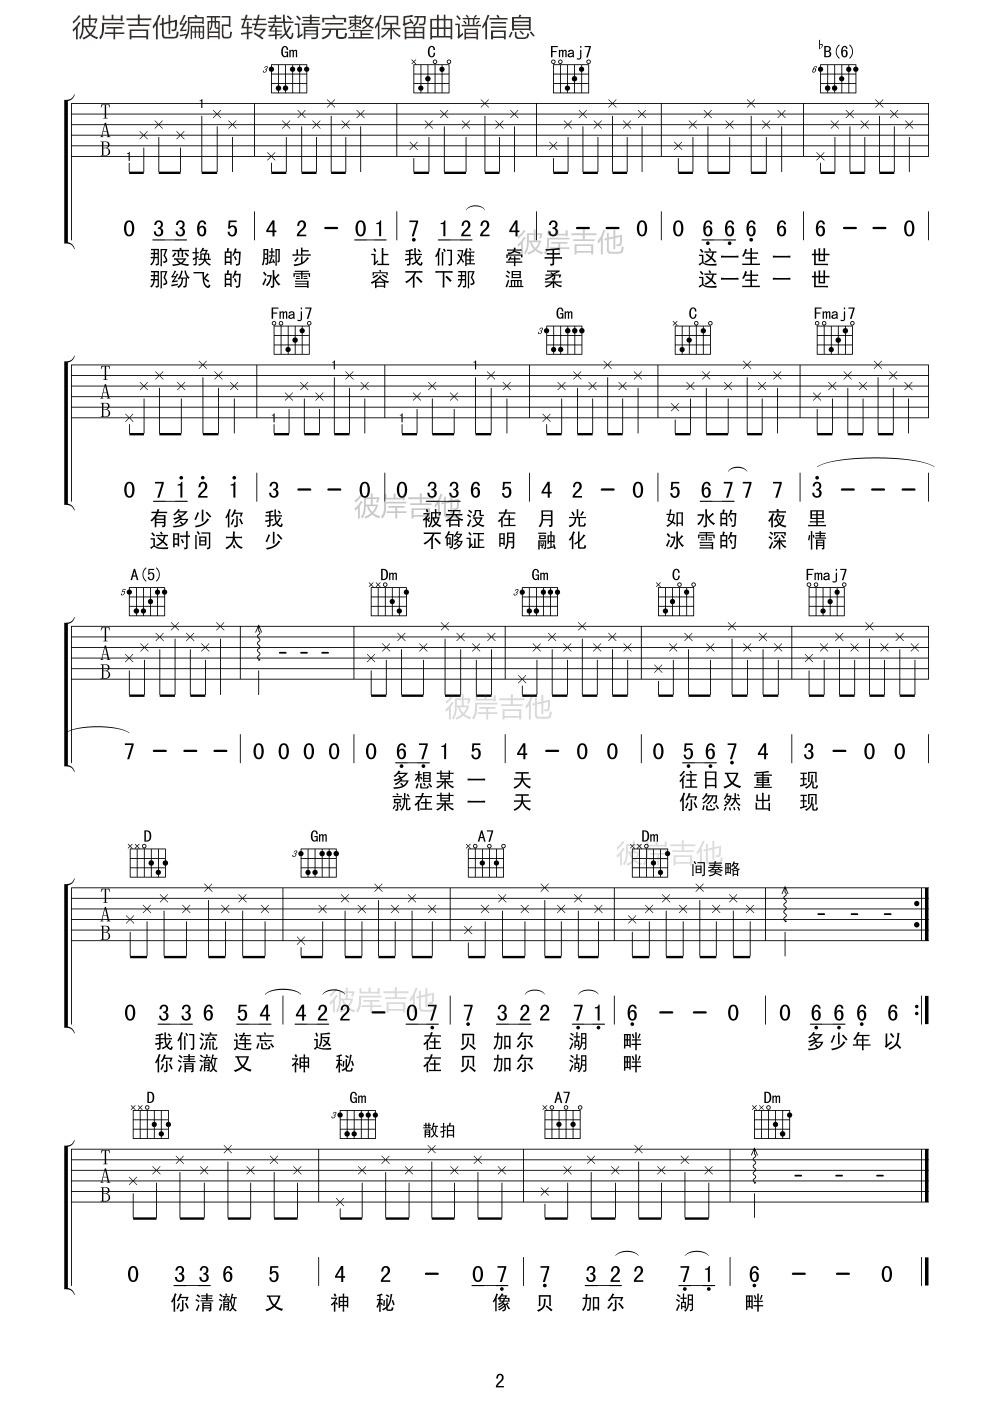 貝加爾湖畔的吉他譜 李健 - 彼岸吉他中國第一吉他圖片